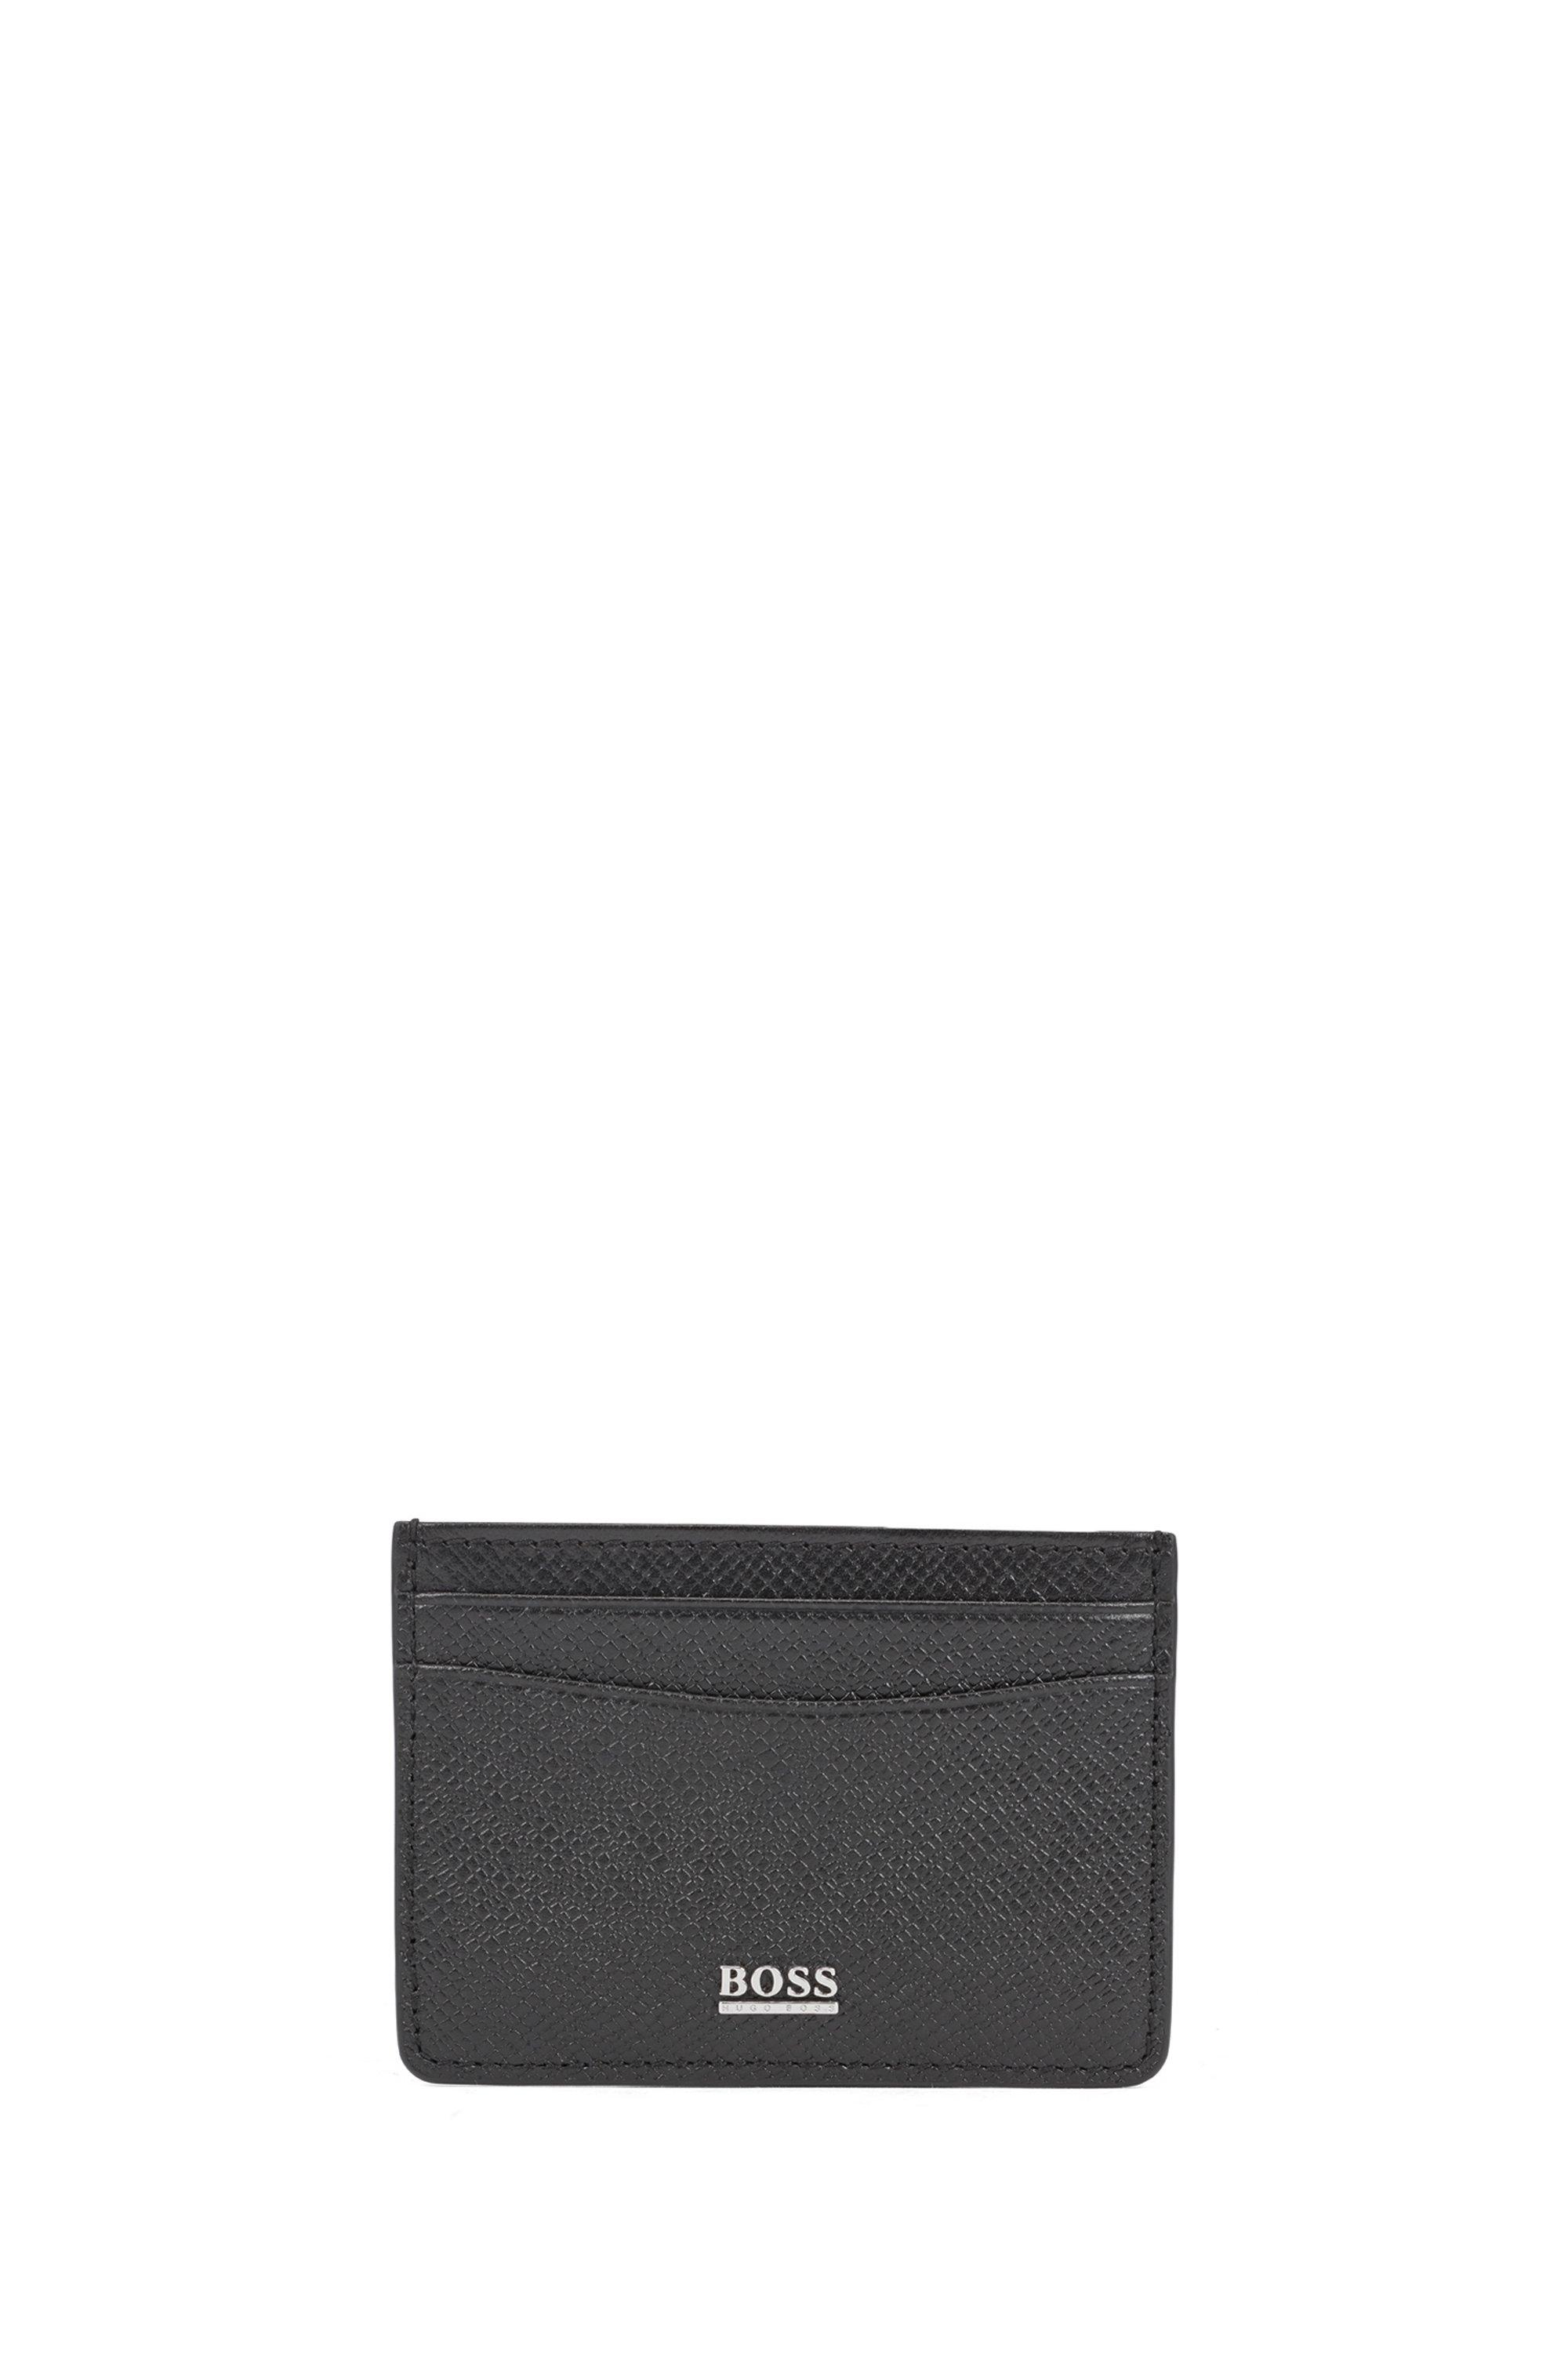 Kartenetui aus genarbtem Palmellato-Leder aus der Signature Collection, Schwarz